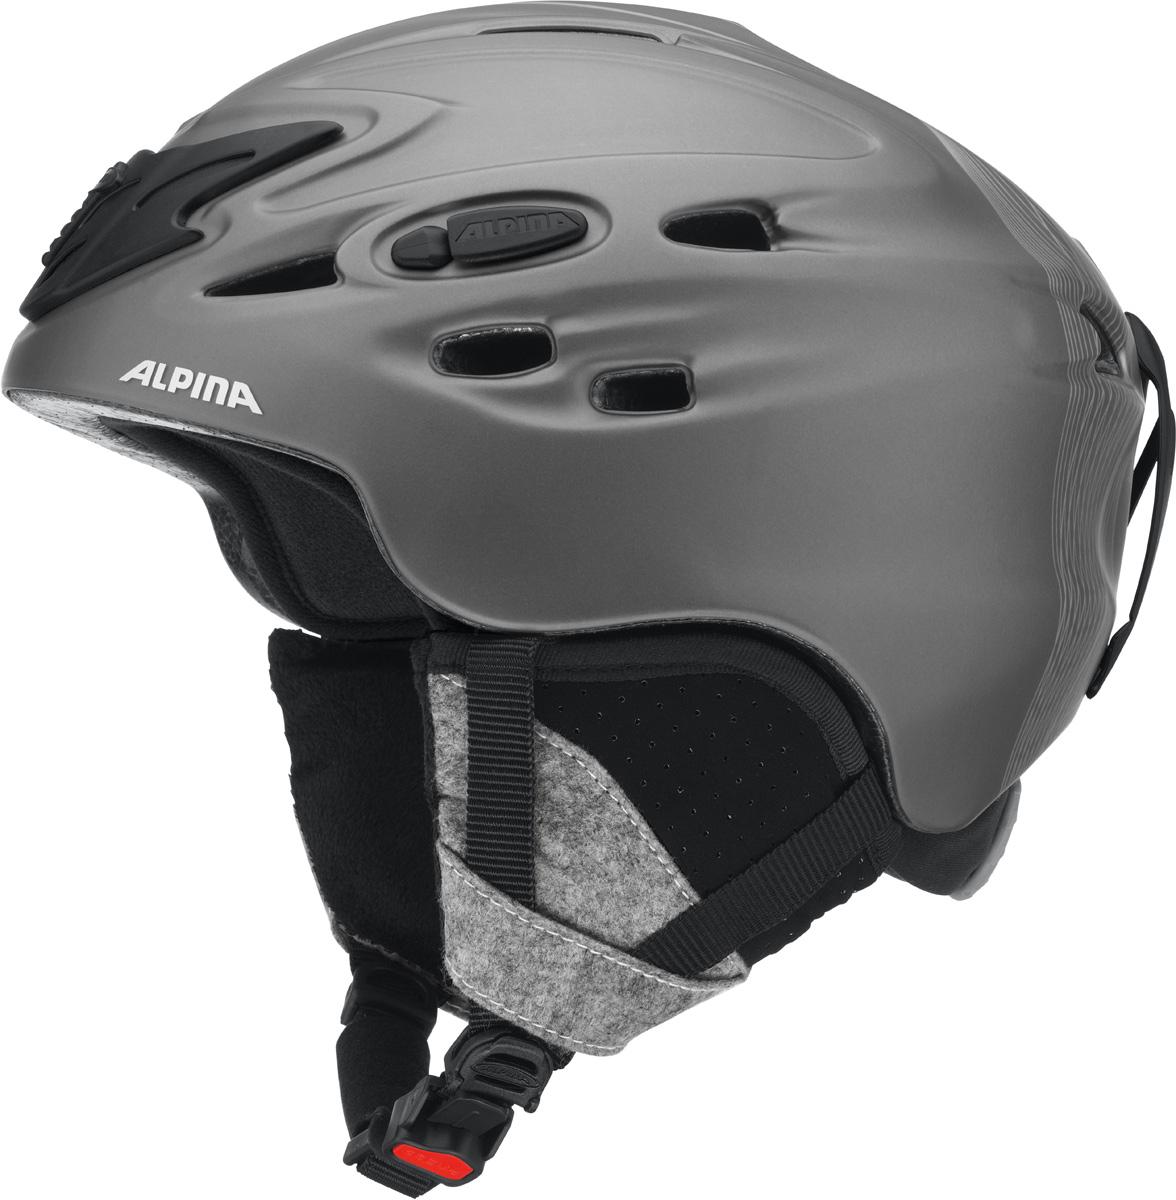 Шлем горнолыжный Alpina Scara, цвет: черный. A9017_46. Размер 52-56A9017_46Шлем горнолыжный Alpina Scara - модель создана специально для тех, кто не хочет идти на компромисс между технологиями и стилем. Исключительно устойчивый и легкий. Благодаря эффективной системы вентиляции между внутренней и внешней оболочкой микроклимат под шлемом всегда прохладный. Вынимаемая внутренняя подкладка шлема, которую можно стирать.Технологии: Inmold Tec – технология соединения внутренней и внешней части шлема при помощи высокой температуры. Данный метод делает соединение исключительно прочным, а сам шлем легким. Такой метод соединения гораздо надежнее и безопаснее обычного склеивания.Ceramic – особая технология производства внешней оболочки шлема. Используются легковесные материалы экстремально прочные и устойчивые к царапинам. Возможно использование при сильном УФ изучении, так же поверхность имеет антистатическое покрытие.Run System – простая система настройки шлема, позволяющая добиться надежной фиксации.Airstream Control – регулируемые воздушные клапана для полного контроля внутренней вентиляции.Removable Earpads - съемные амбушюры добавляют чувства свободы во время катания в теплую погоду, не в ущерб безопасности. При падении температуры, амбушюры легко устанавливаются обратно на шлем.Changeable Interior – съемная внутренняя часть. Допускается стирка в теплой мыльной воде.Neckwarmer – дополнительное утепление шеи. Изготовлено из мягкого флиса.